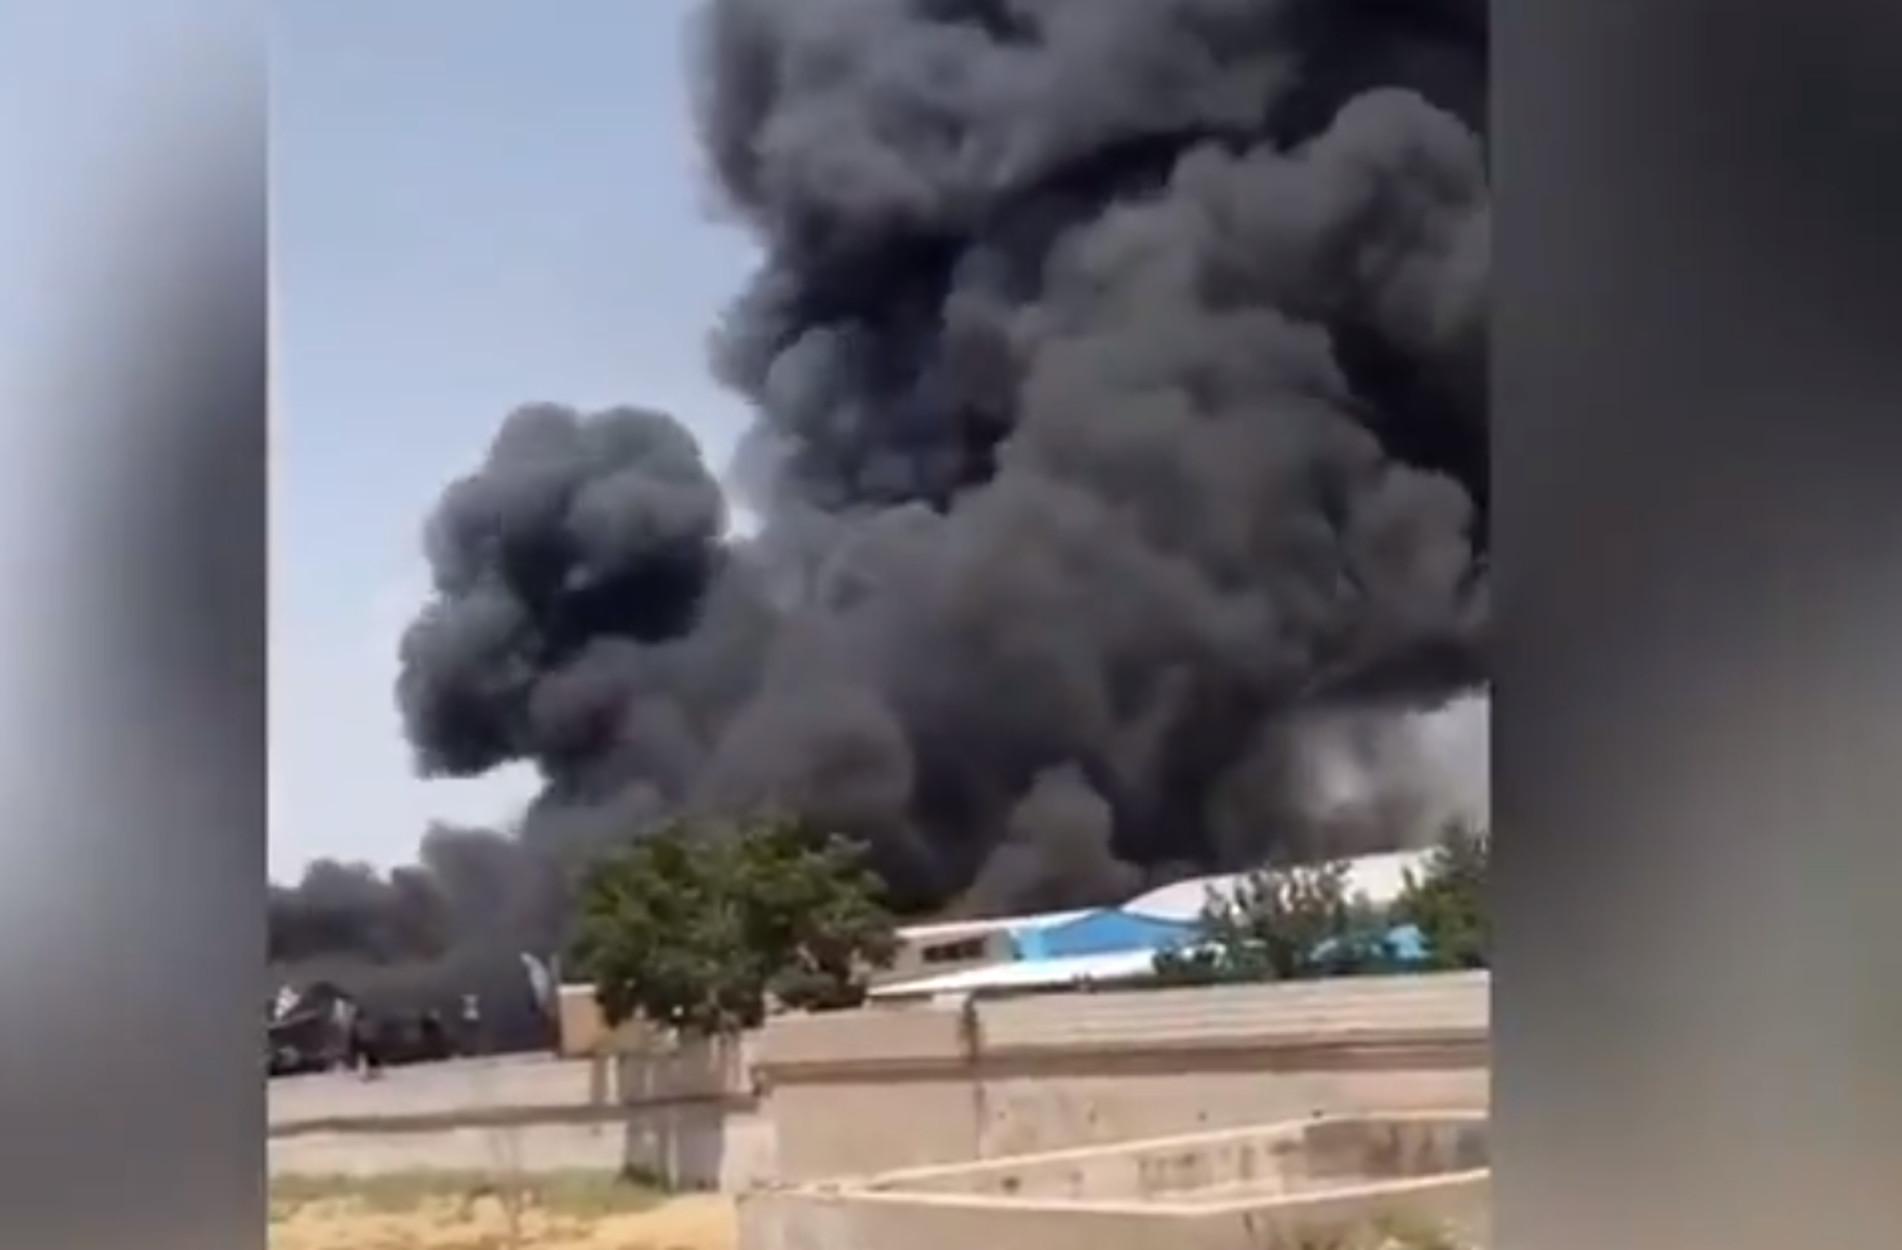 Ιράν: Φωτιά σε εργοστάσιο! Πυκνοί μαύροι κανπνοί σκεπάζουν την περιοχή (video)